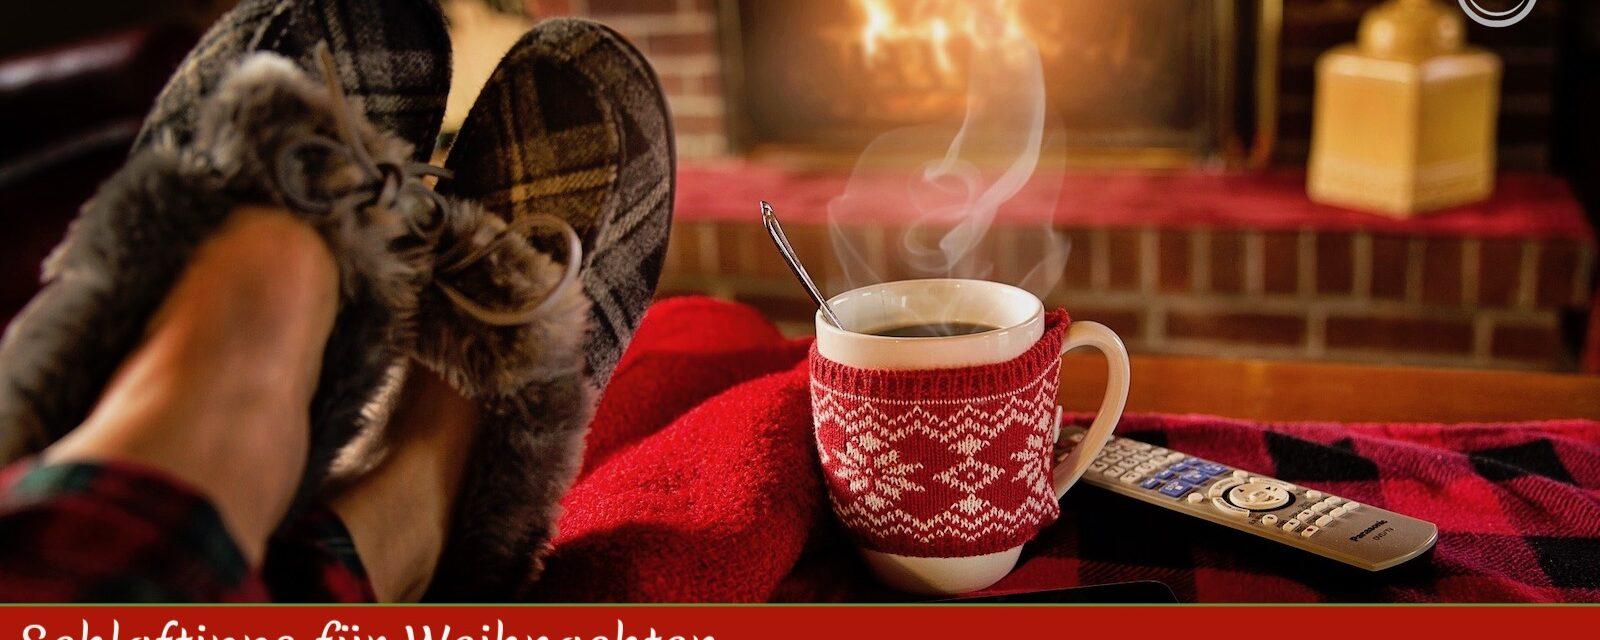 Schlaftipps für die Weihnachtszeit … wie man gestärkt und ausgeruht durch die Feiertage kommt